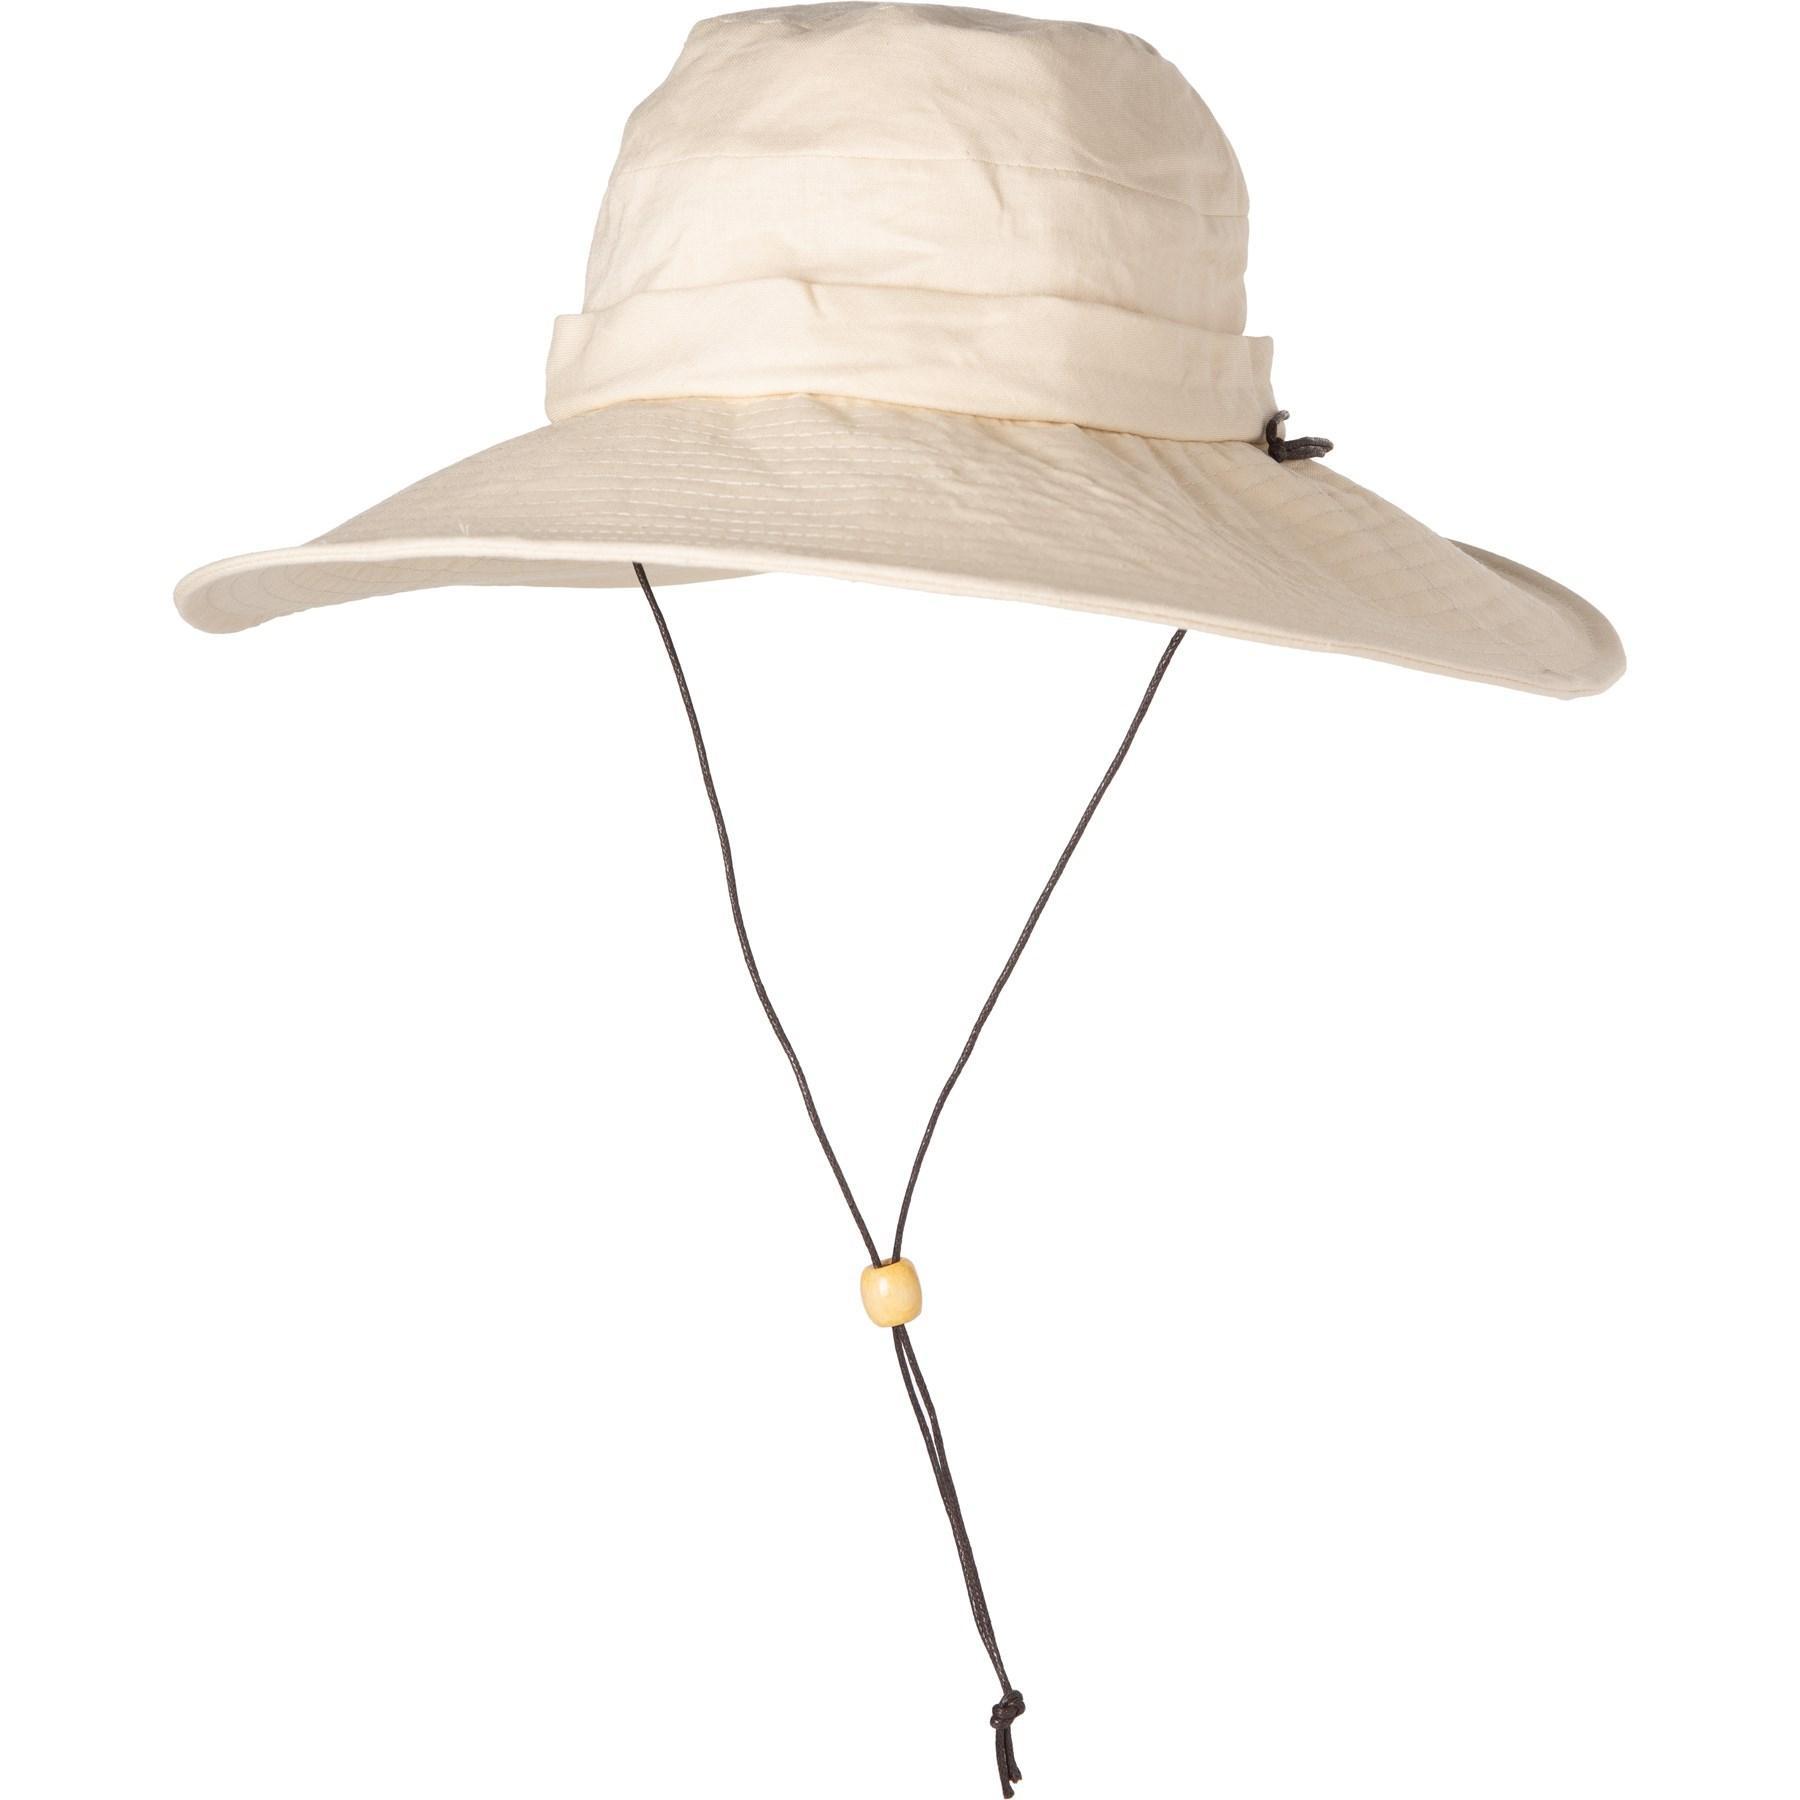 fe8ea2889 Lyst - Dorfman Pacific Acad Boonie Hat in Natural